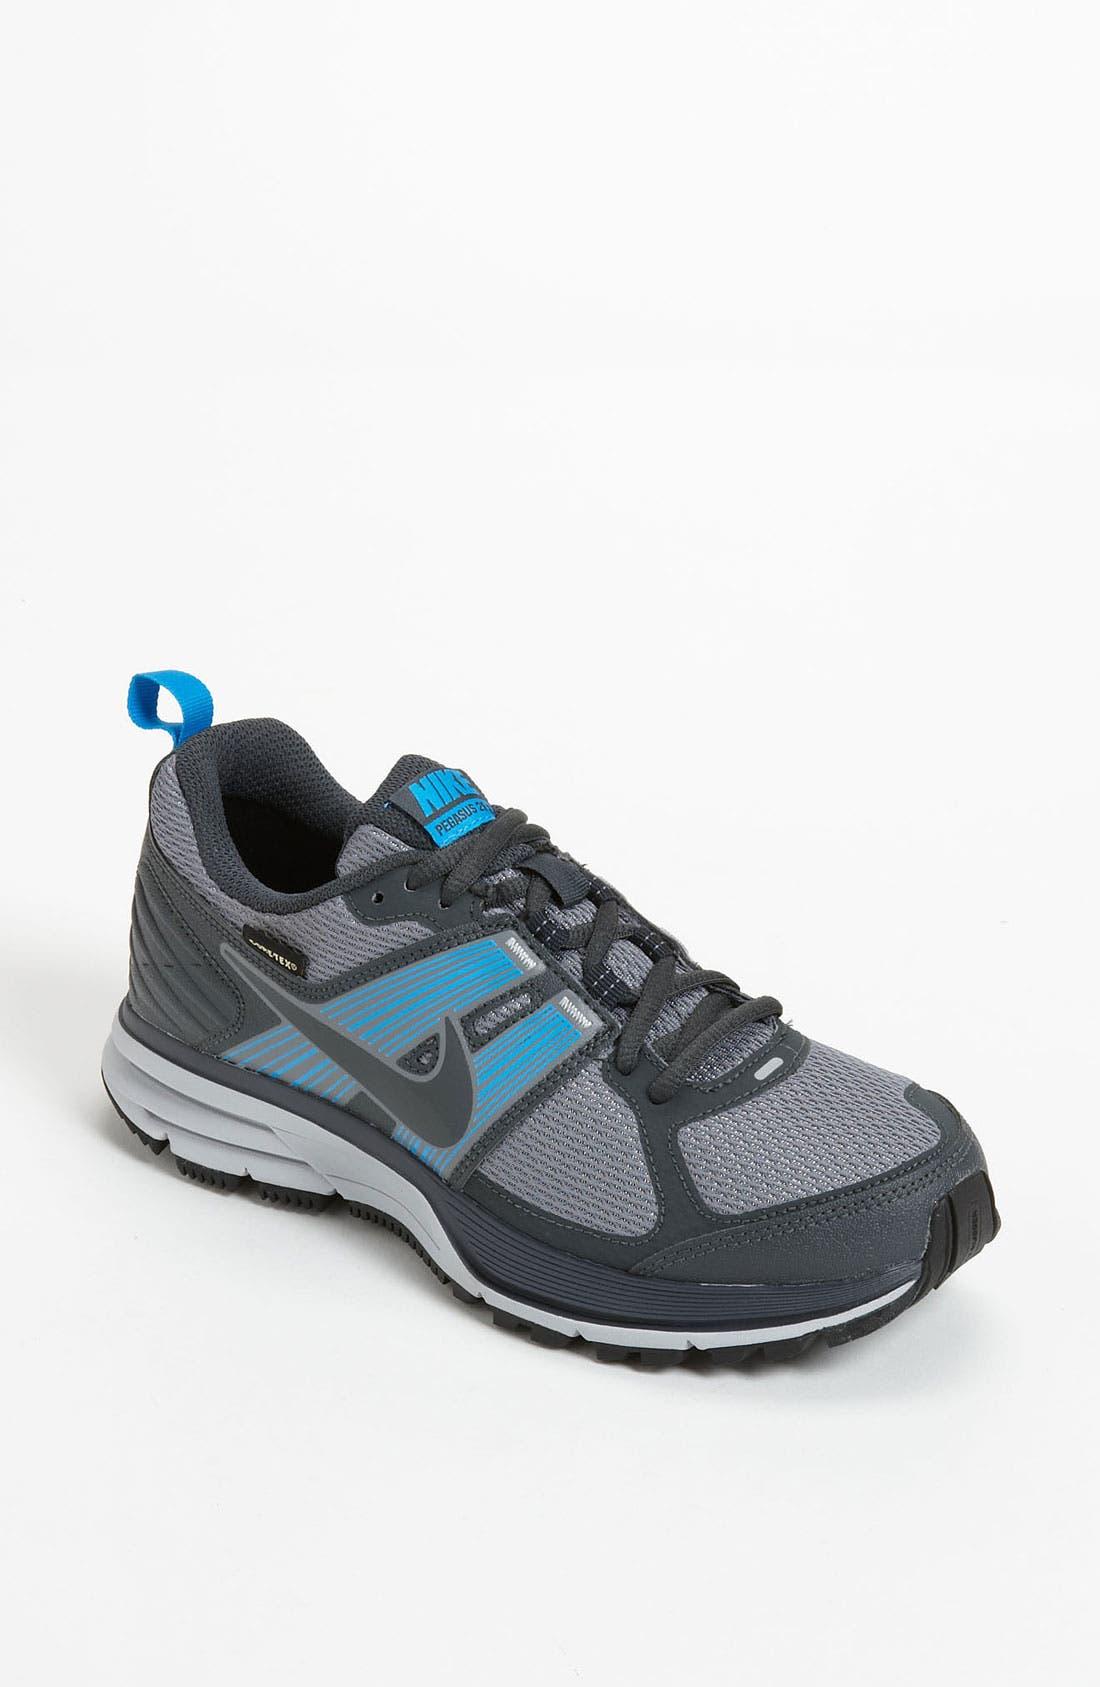 Main Image - Nike 'Air Pegasus 29+ GTX' Running Shoe (Women)